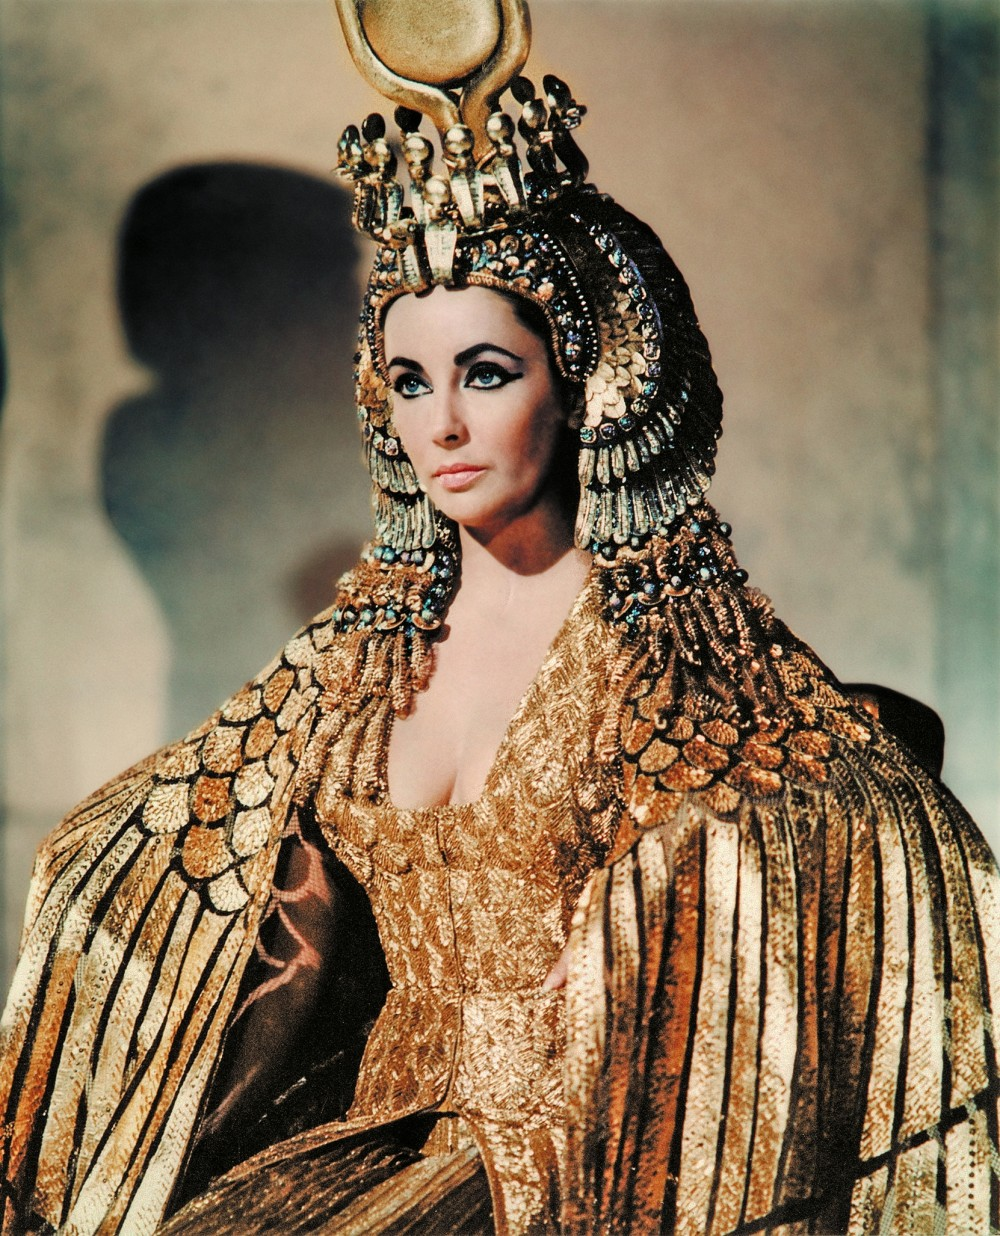 cleopatra_4-e1372944614397.jpg